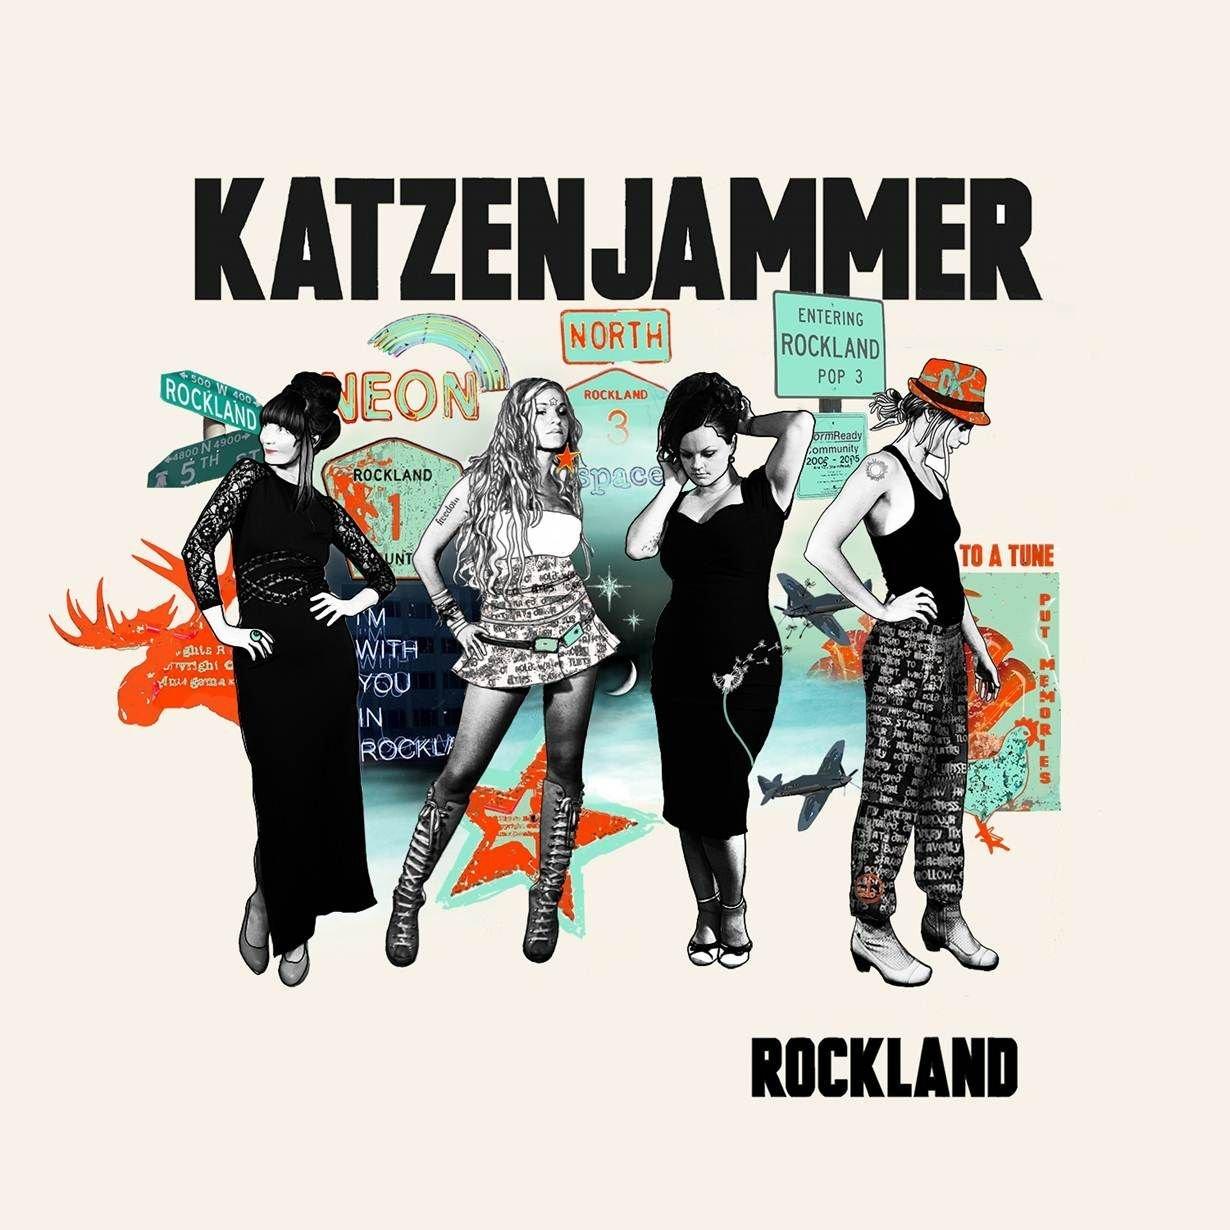 Katzenjammer, Rockland, Best of 2015, Music